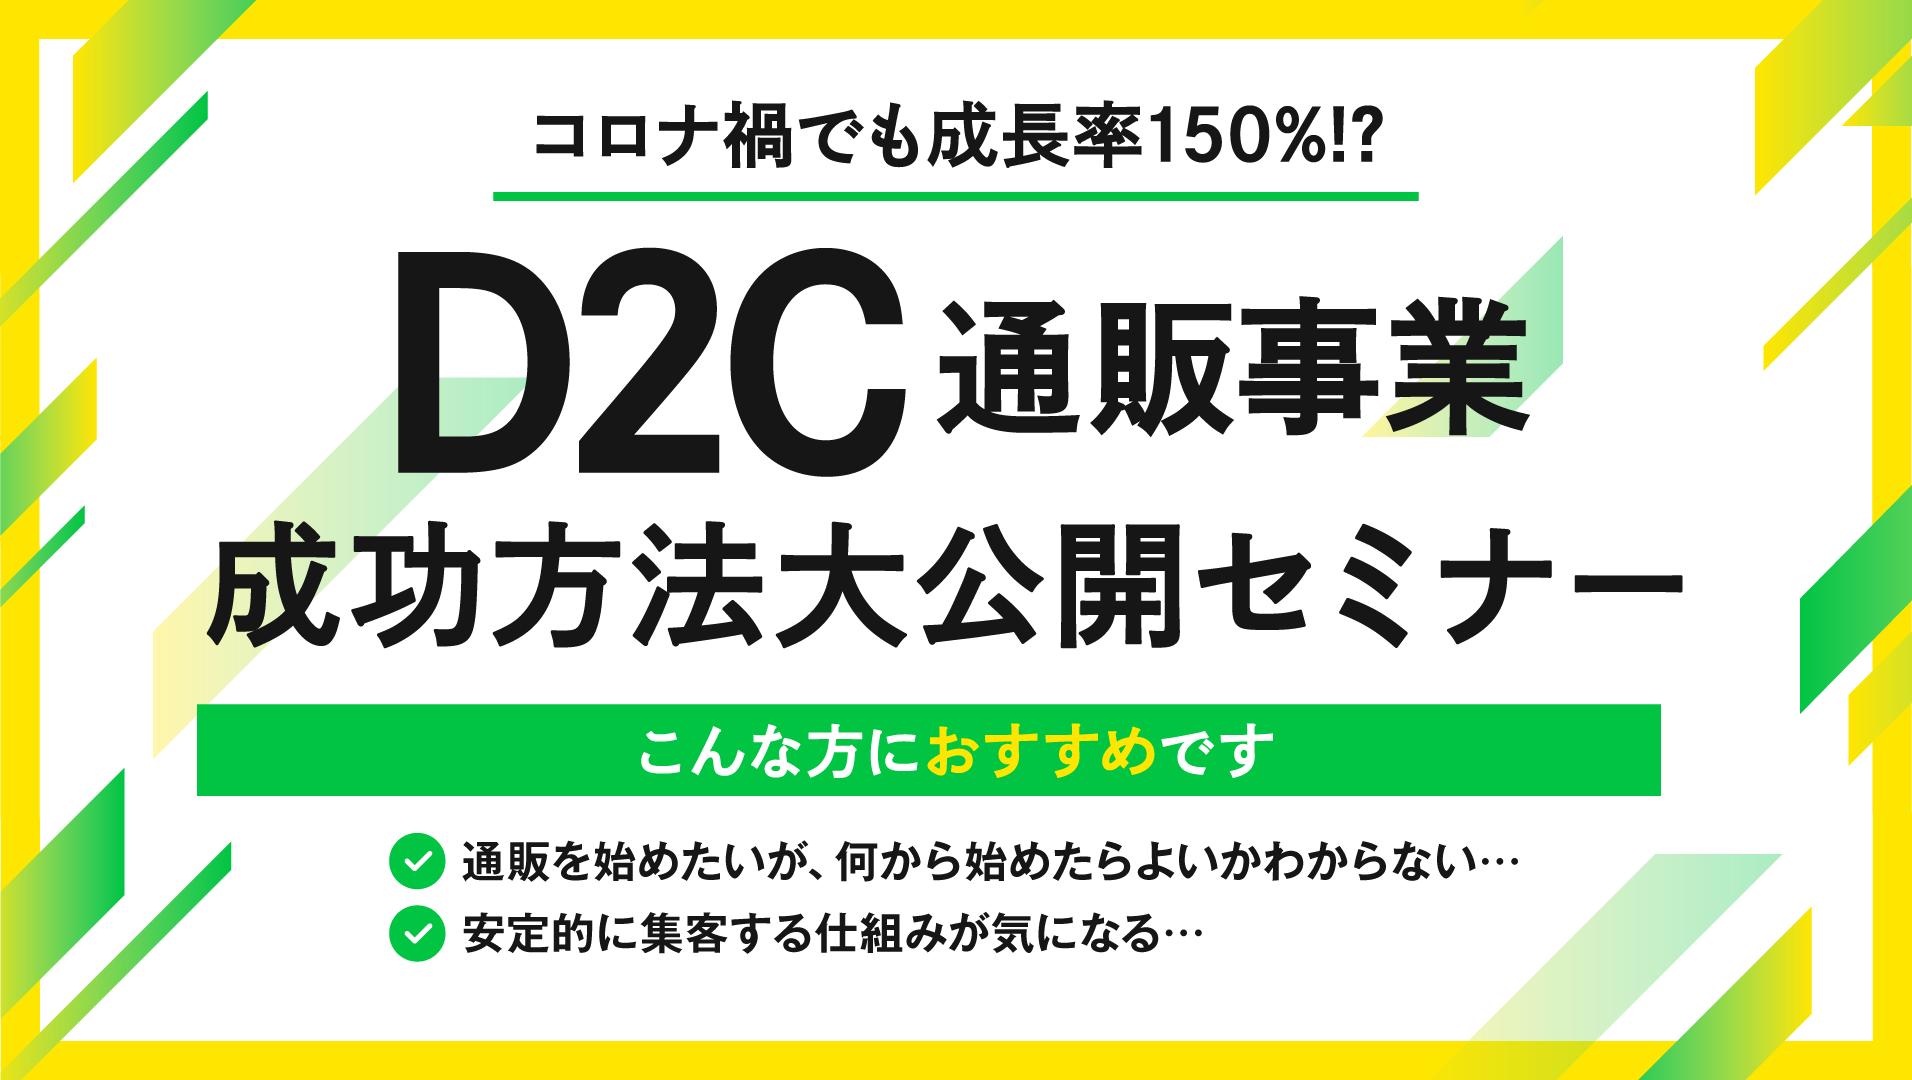 コロナ禍でも成長率150%⁉︎ D2C通販事業成功方法大公開セミナー